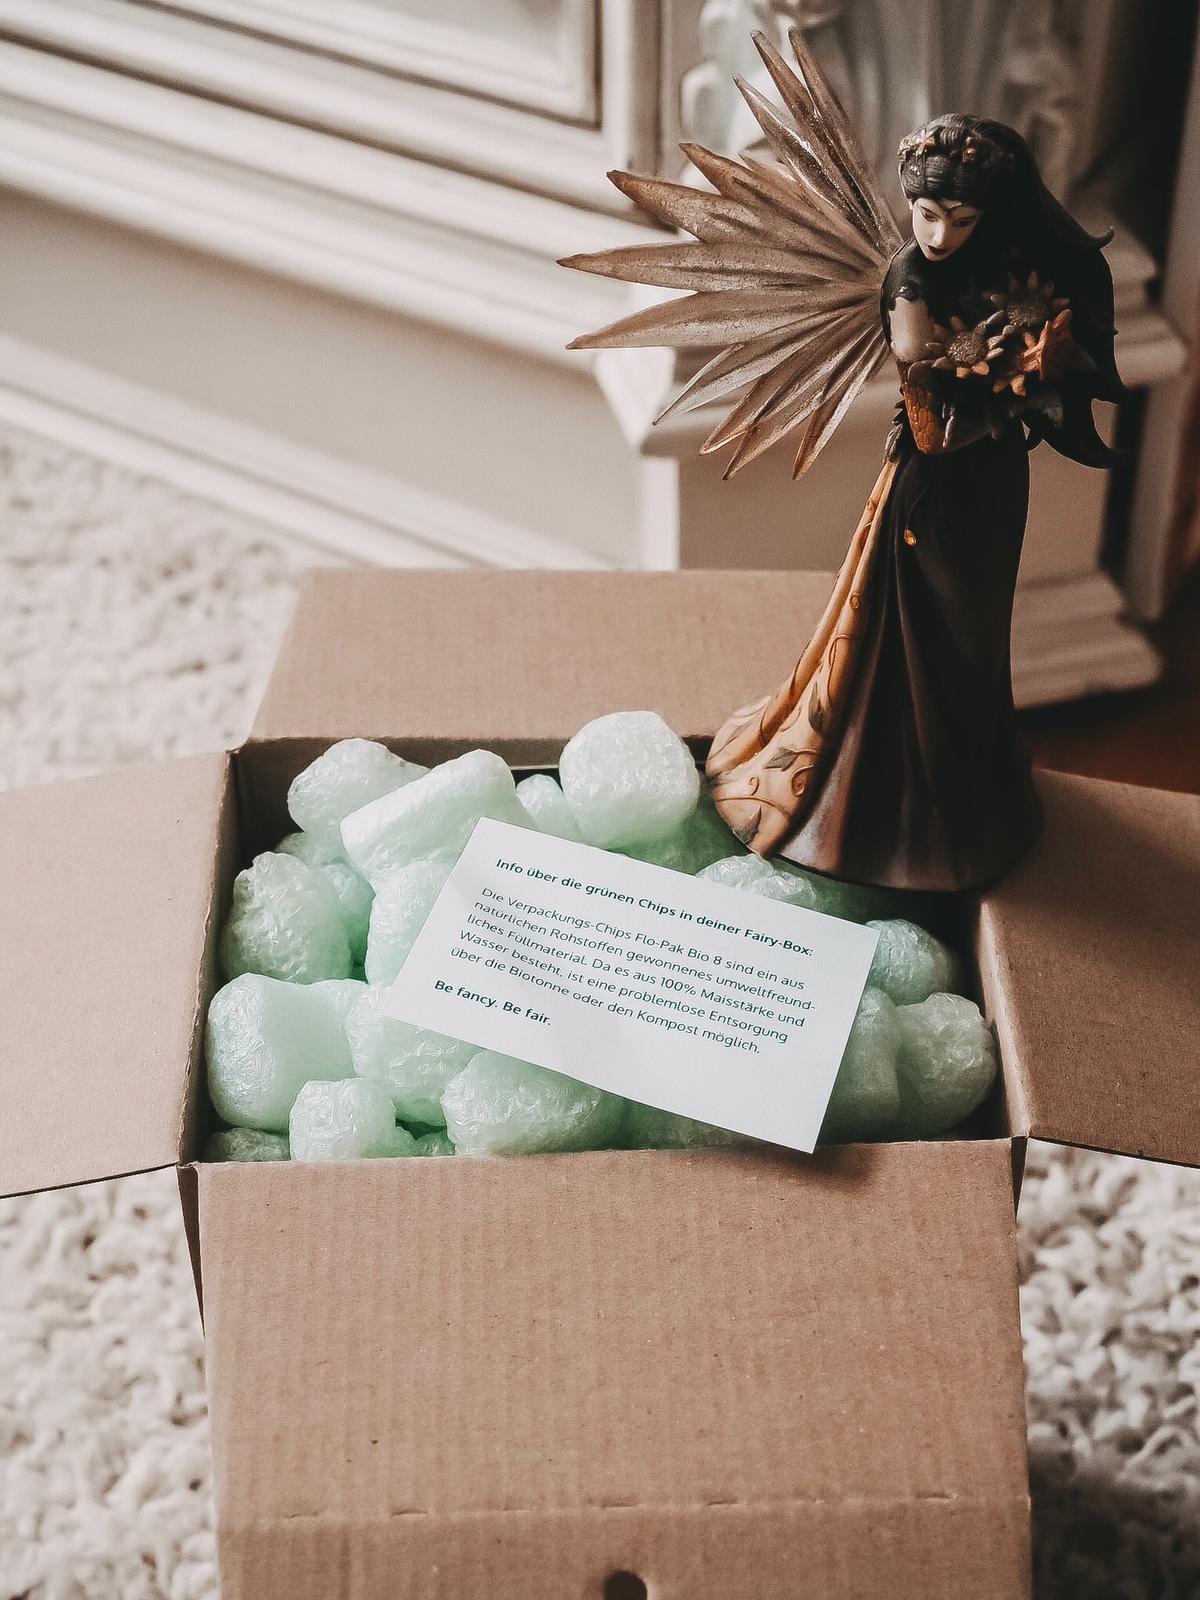 Die nachhaltige Fairybox August 2019 hat einen sehr hochwertigen und auch vielseitigen Inhalt. Auf dem Blog stelle ich euch die wunderschöne Box näher vor.